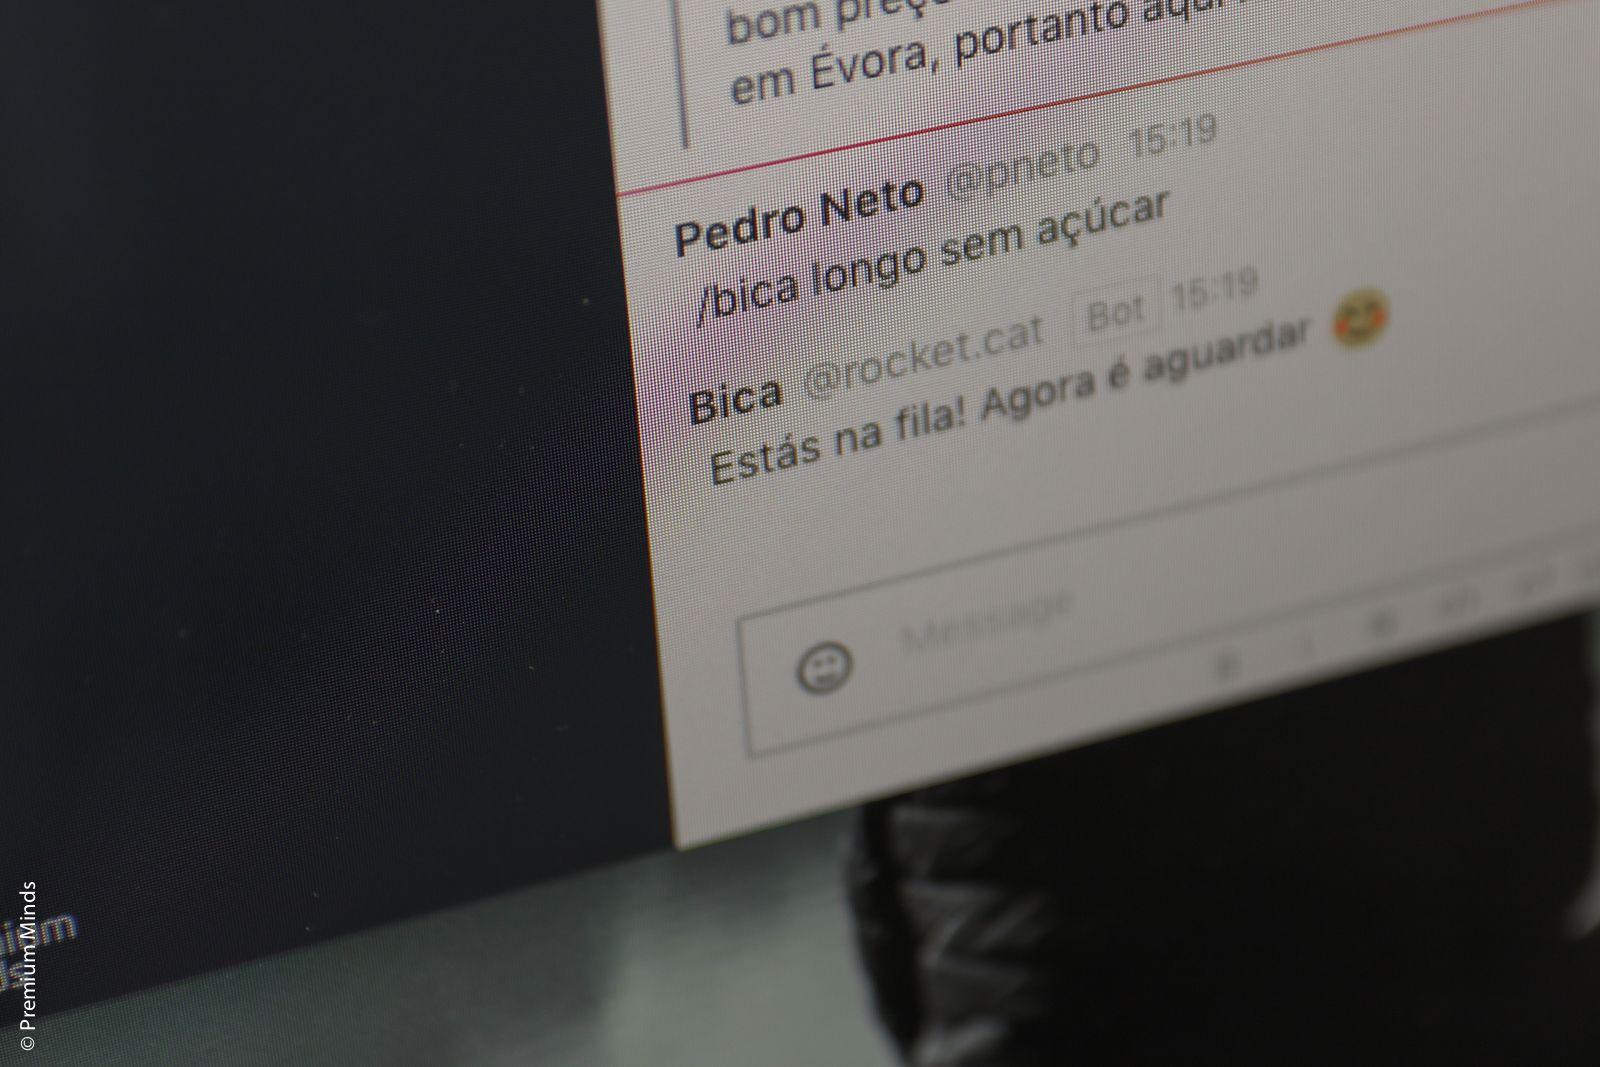 Bica request